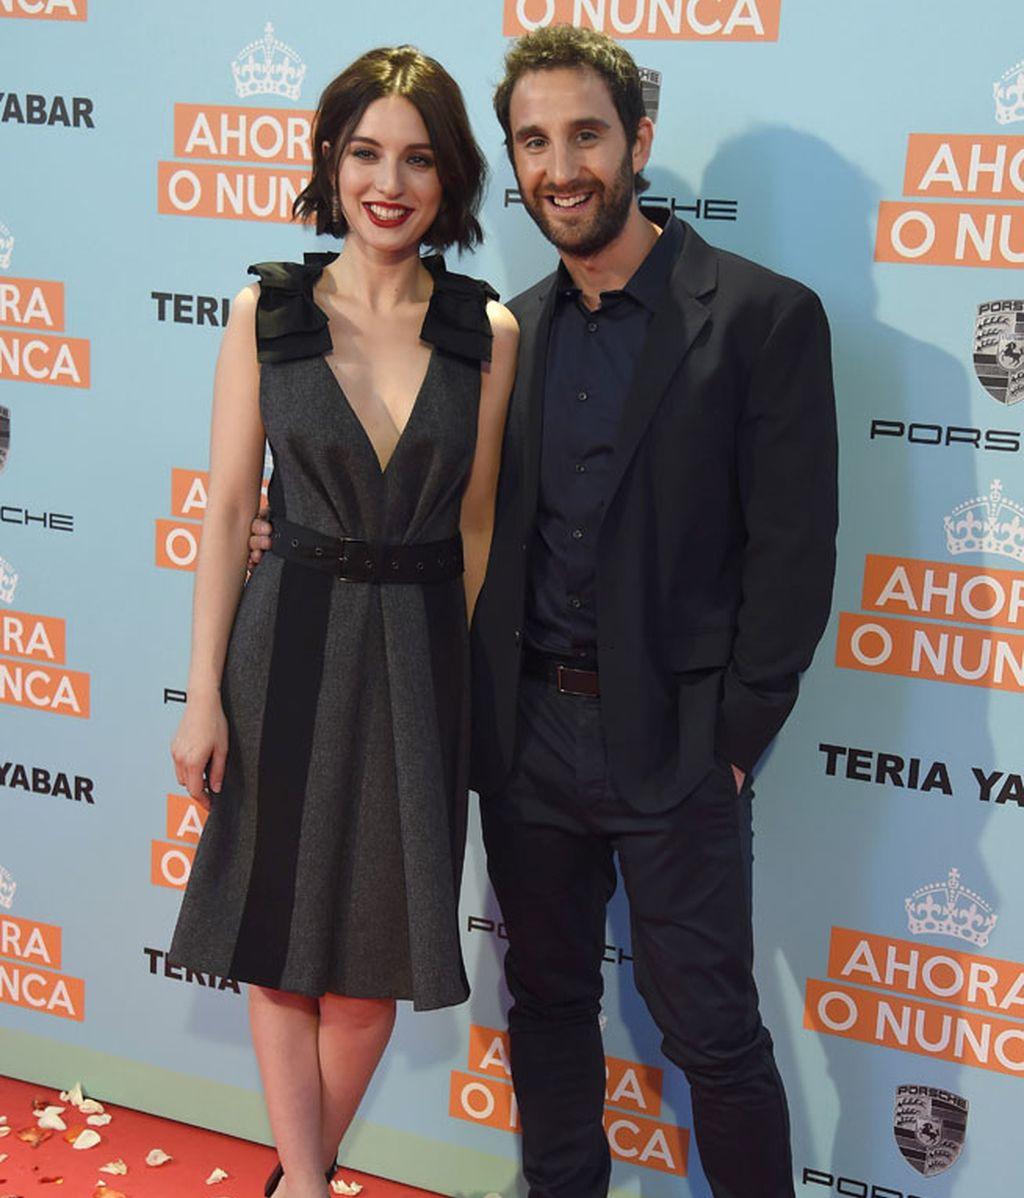 Los protagonistas de la película, María Valverde y Dani Rovira